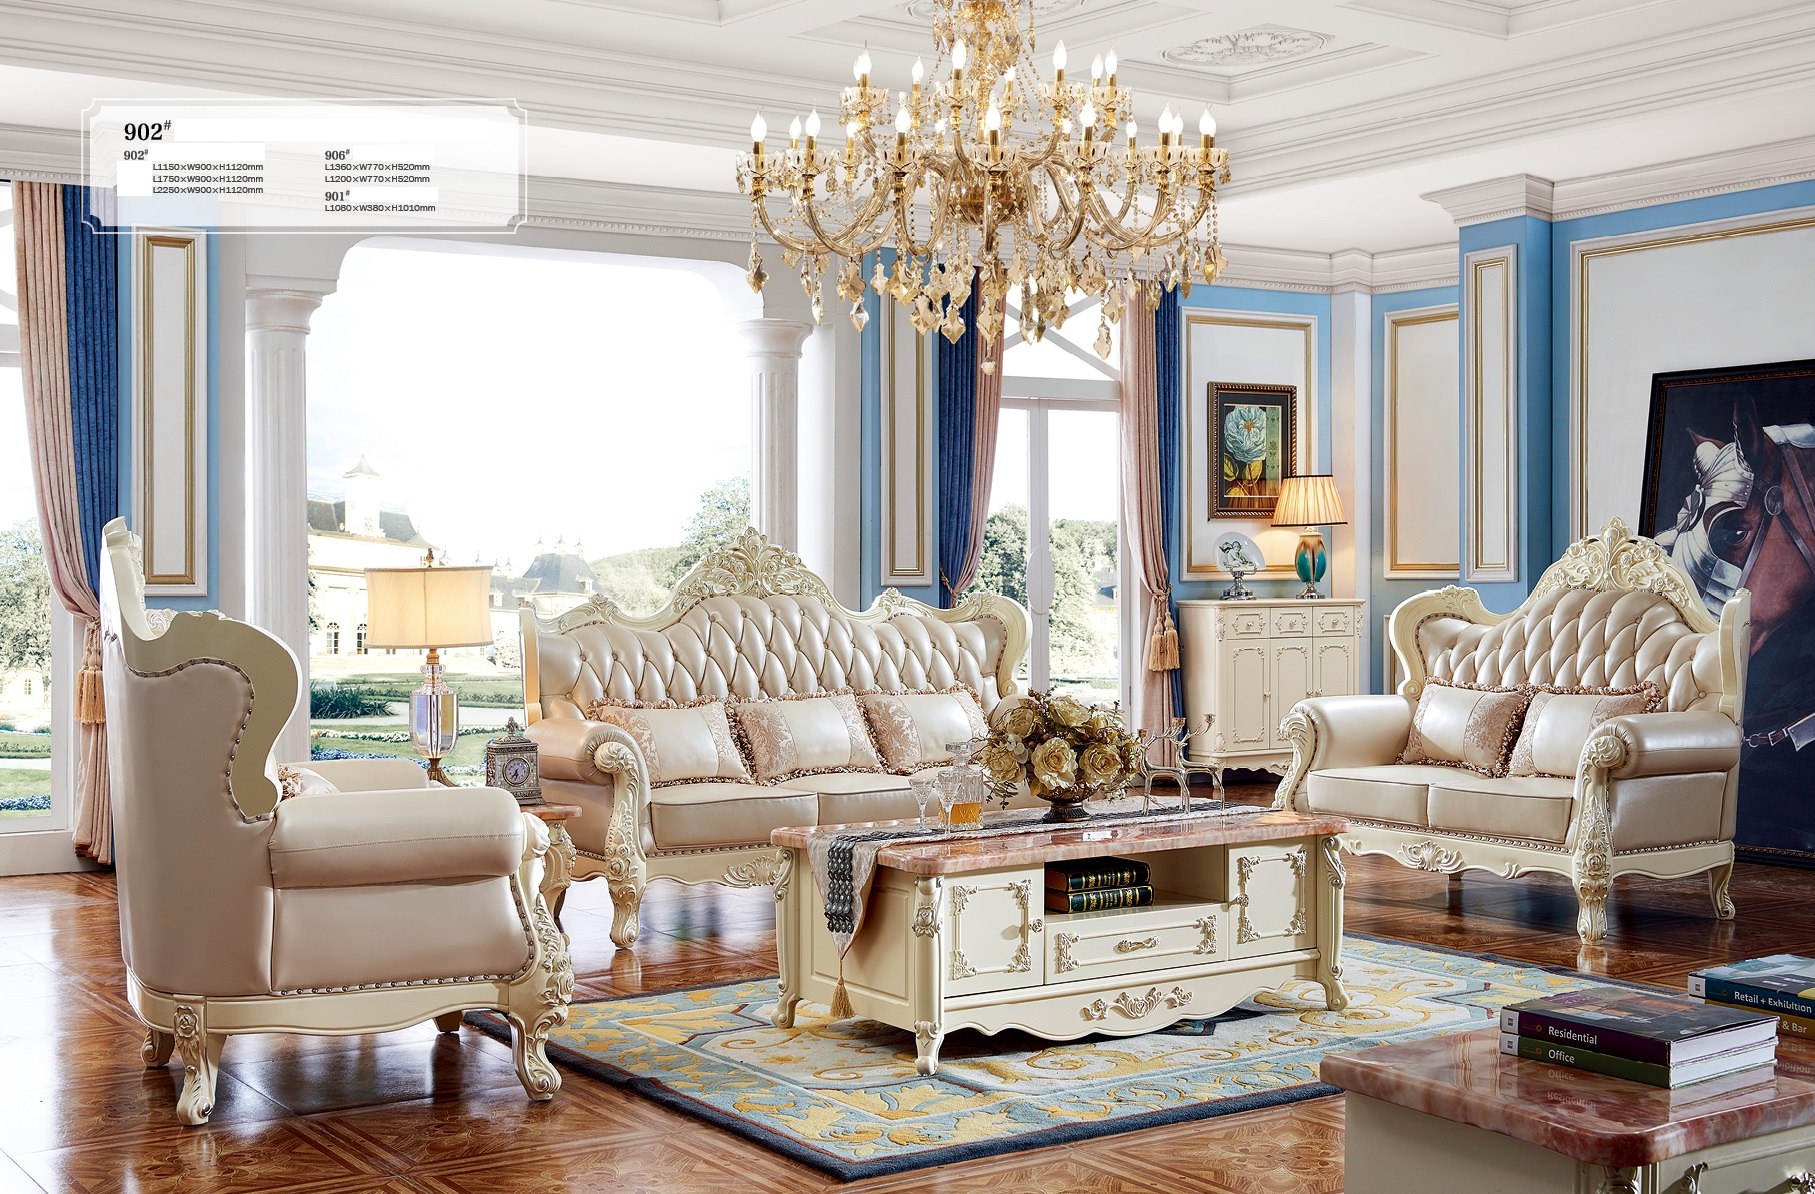 Luxus m bel stil klassische sofagarnitur ledersofa polster for Klassische mobel ebay